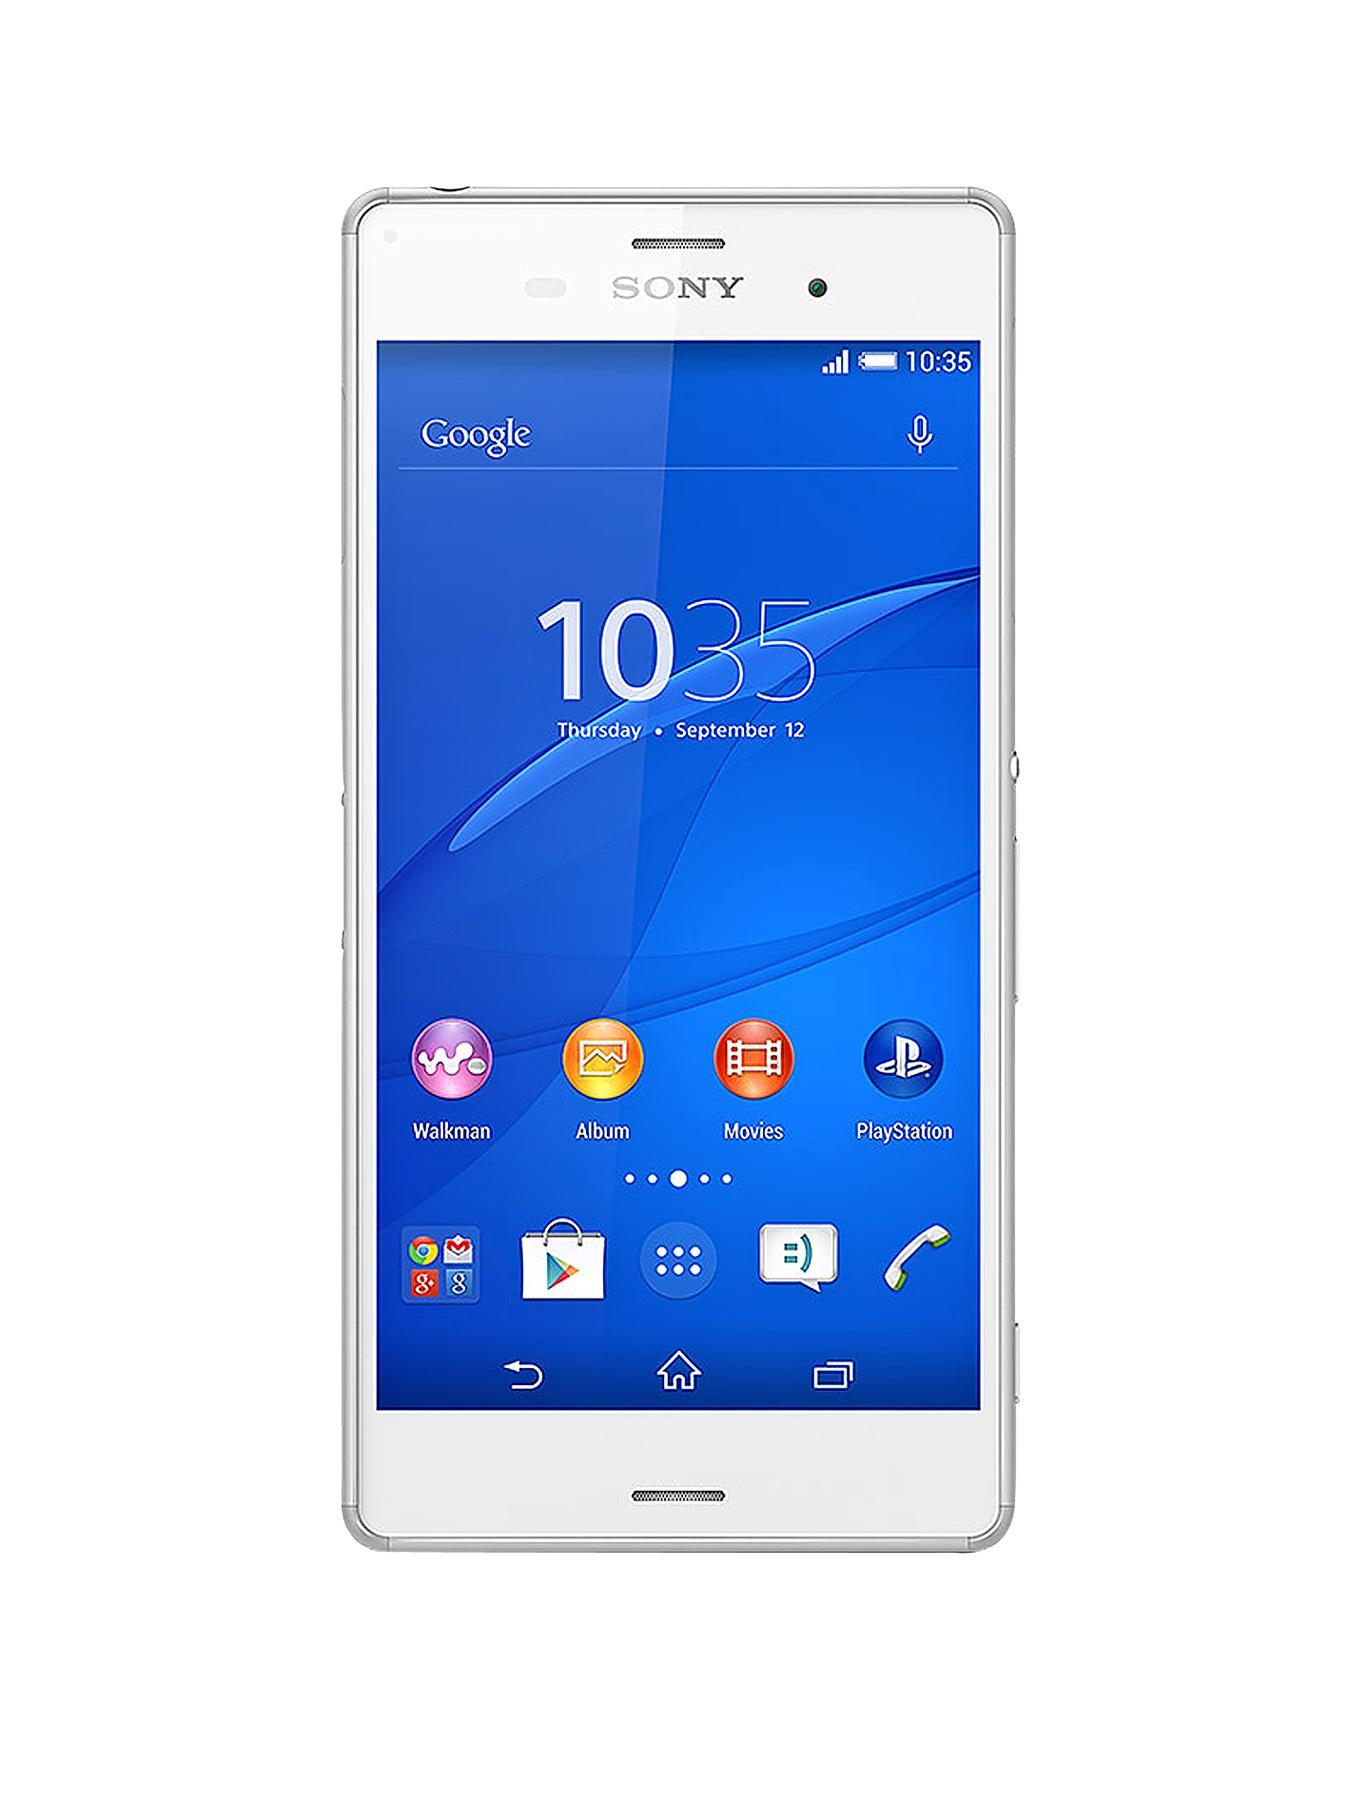 Sony Xperia Z3 5.1 inch Smartphone